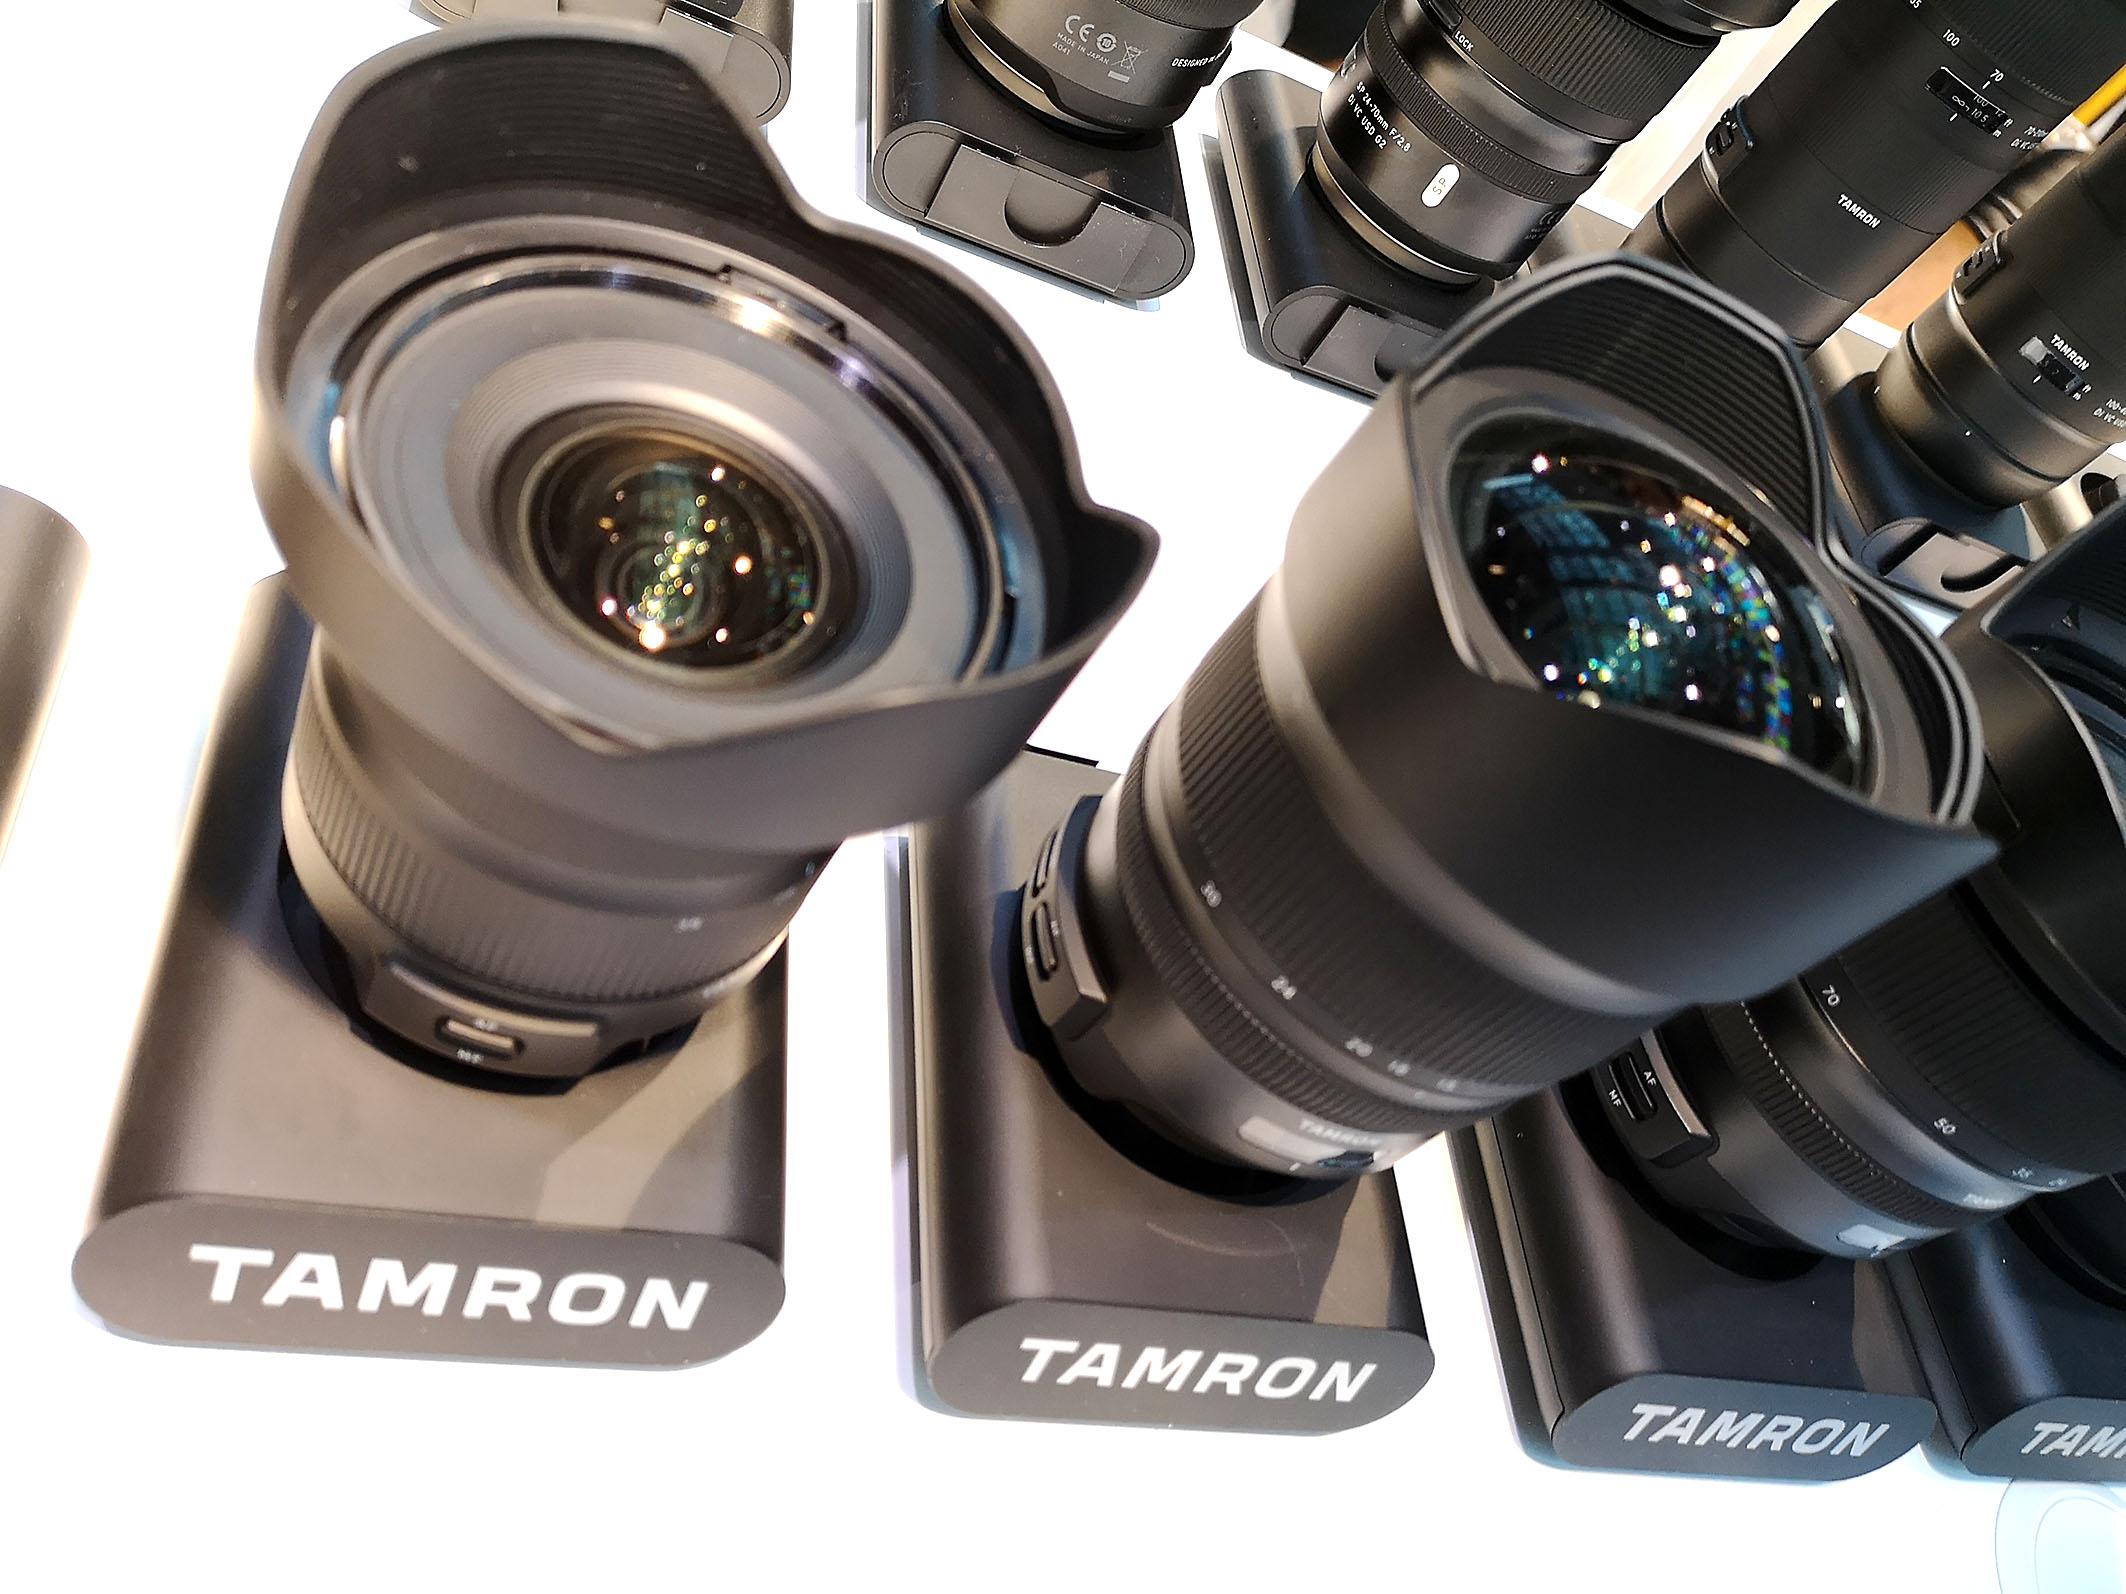 Foto: Michael B. Rehders - Tamron präsentiert seine hochwertigen Objektive, die für alle namenhaften Kamerahersteller verwendet werden können.